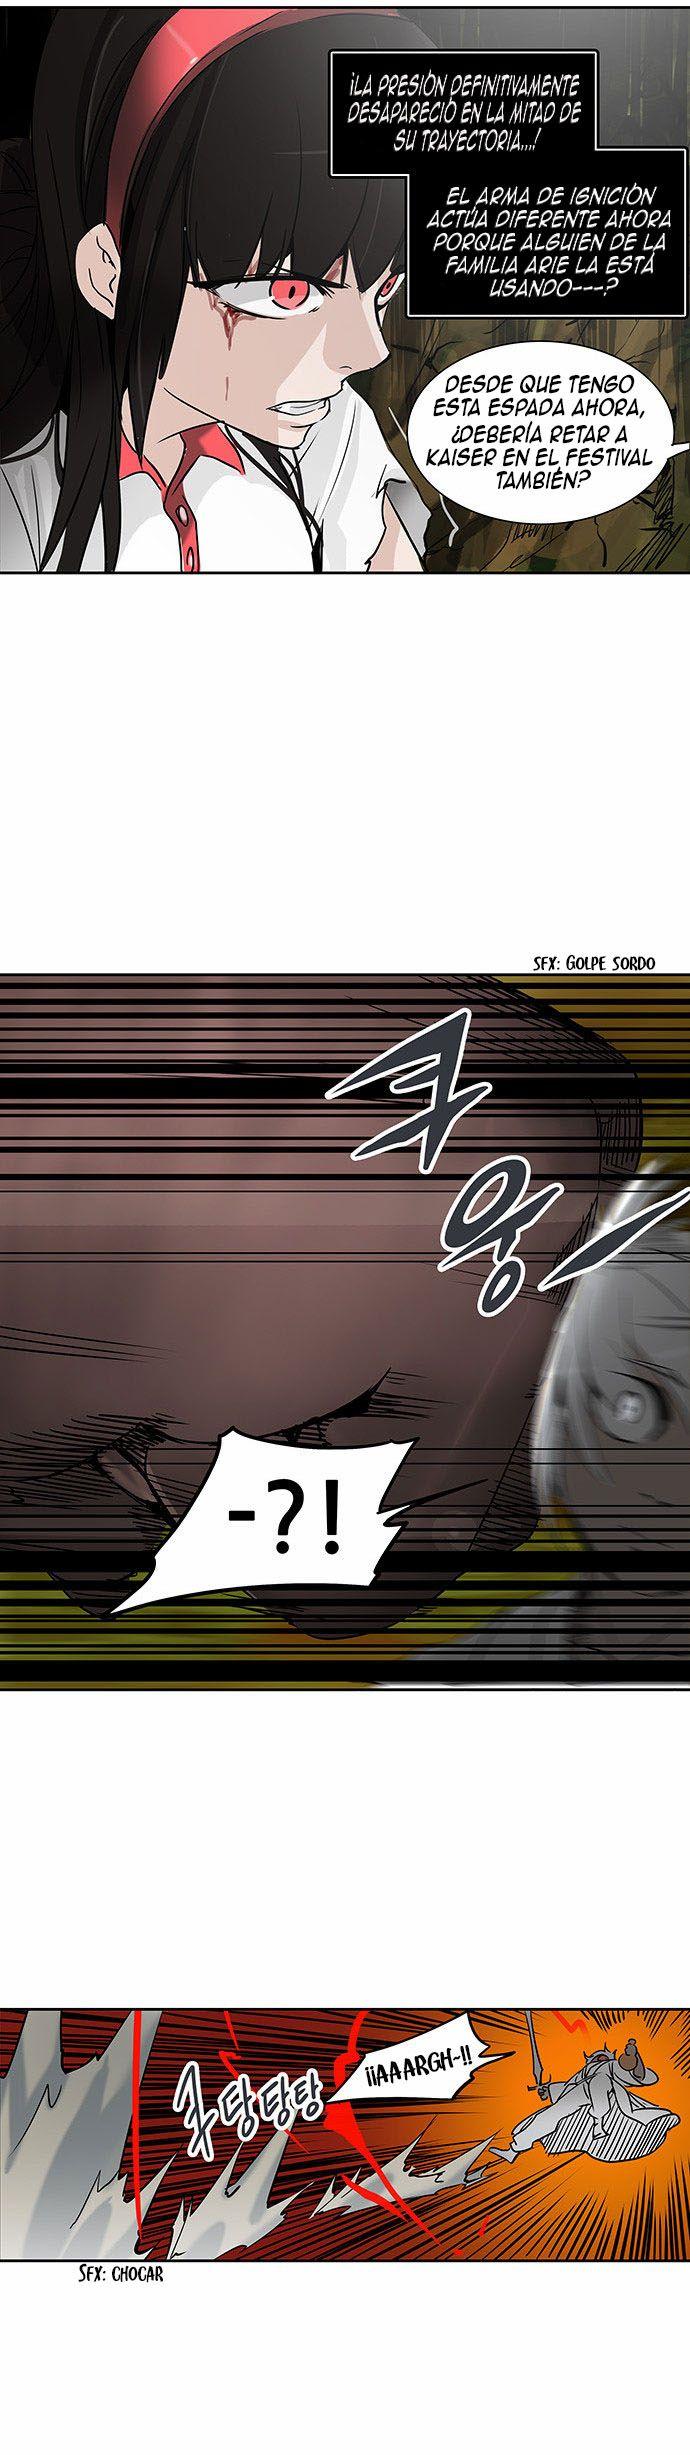 https://c5.ninemanga.com/es_manga/21/149/484809/0574110fd1c1e0796b6df16eff543108.jpg Page 46